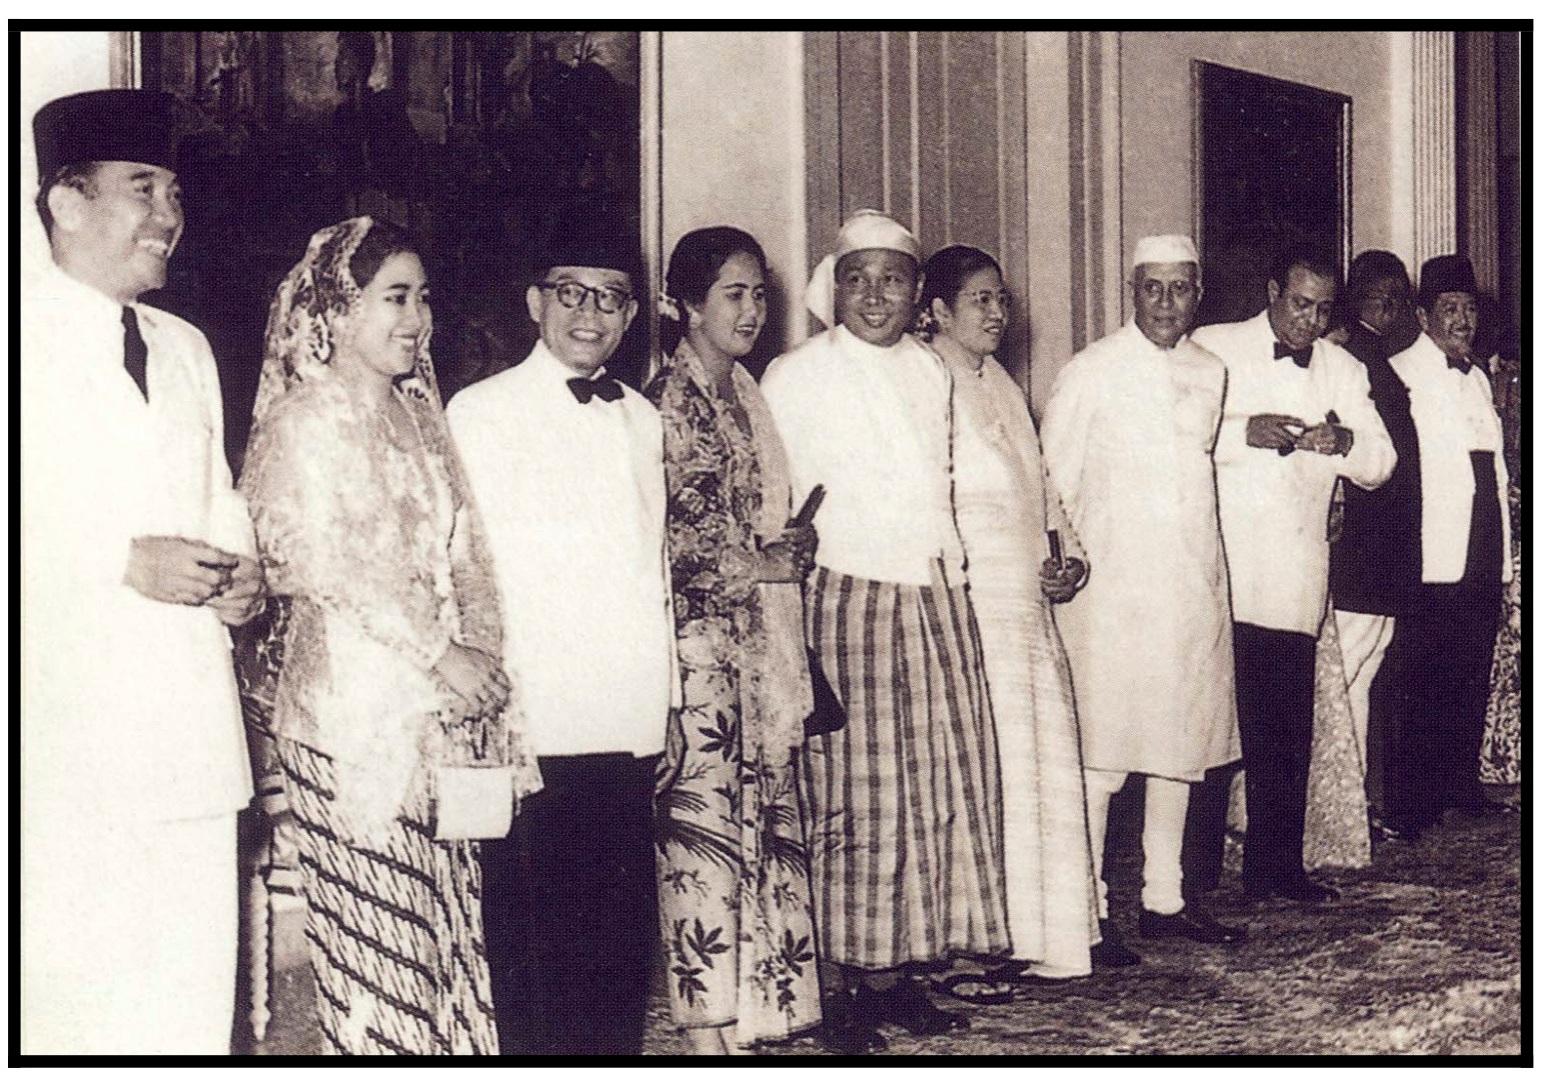 Recibimiento de los organizadores y sus esposas: Sukarno, Hatta, Unu, Nehru, Muhammad Ali, John Kotelawala, Ali Sastroamidjojo, en la conferencia de 1955  Tomado del Archivo de   Bandung Spirit